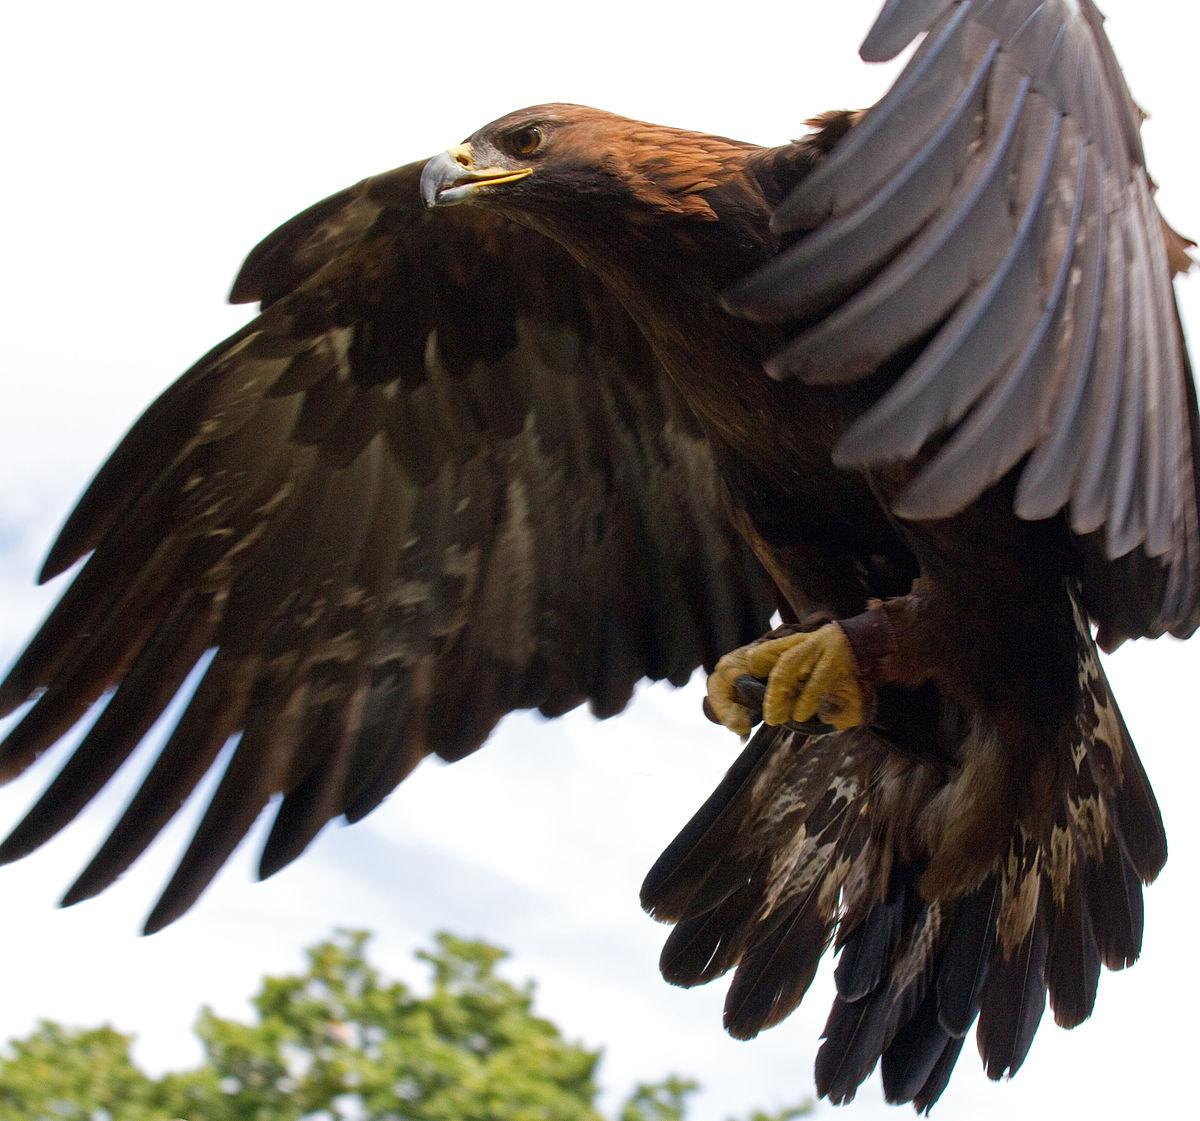 Drawn reptile golden eagle In culture  human Wikipedia